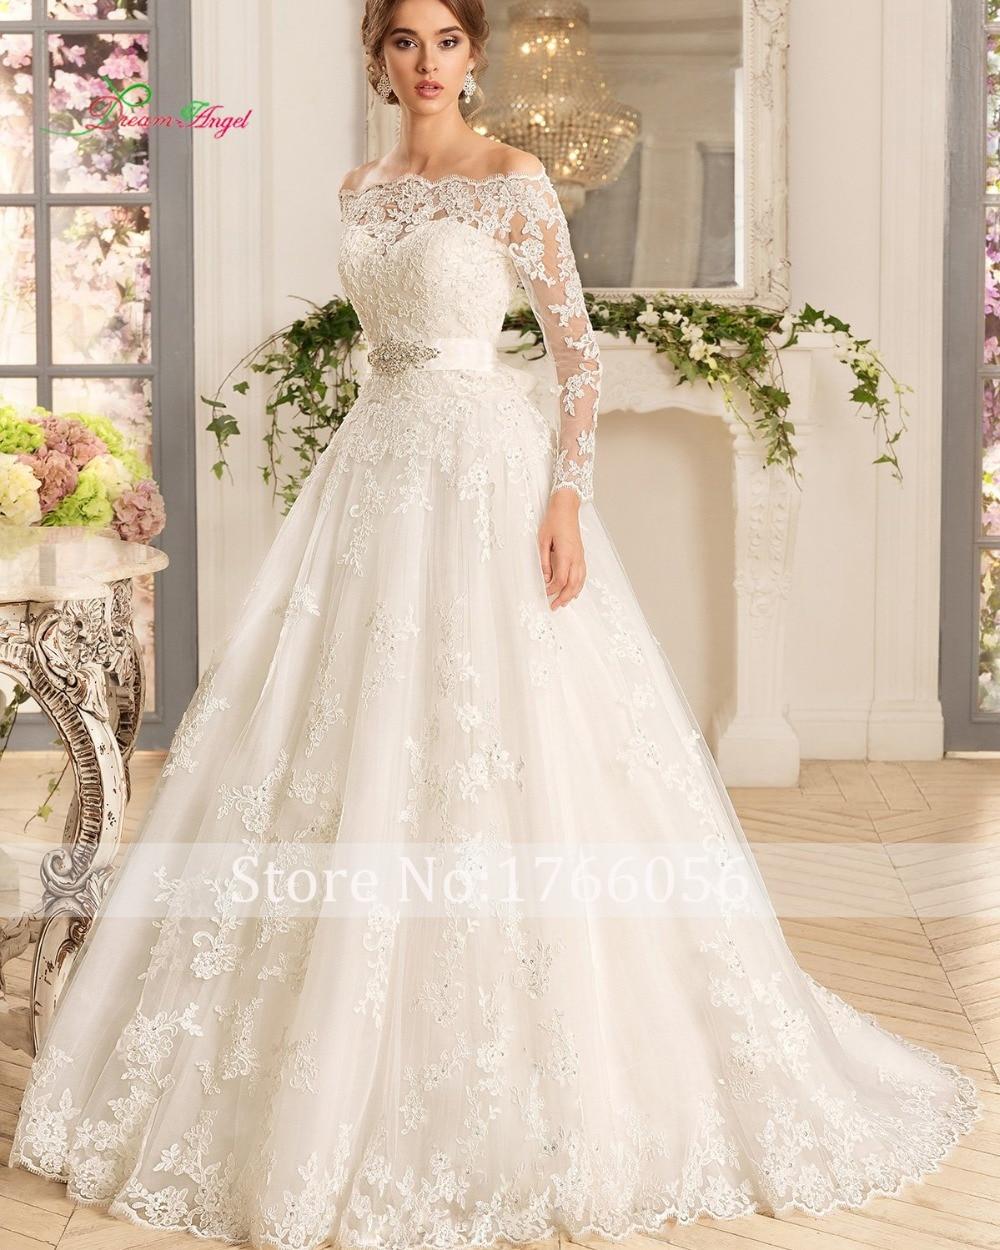 Achetez en gros manches longues robe de mariage designs for Fournisseurs de robe de mariage en gros